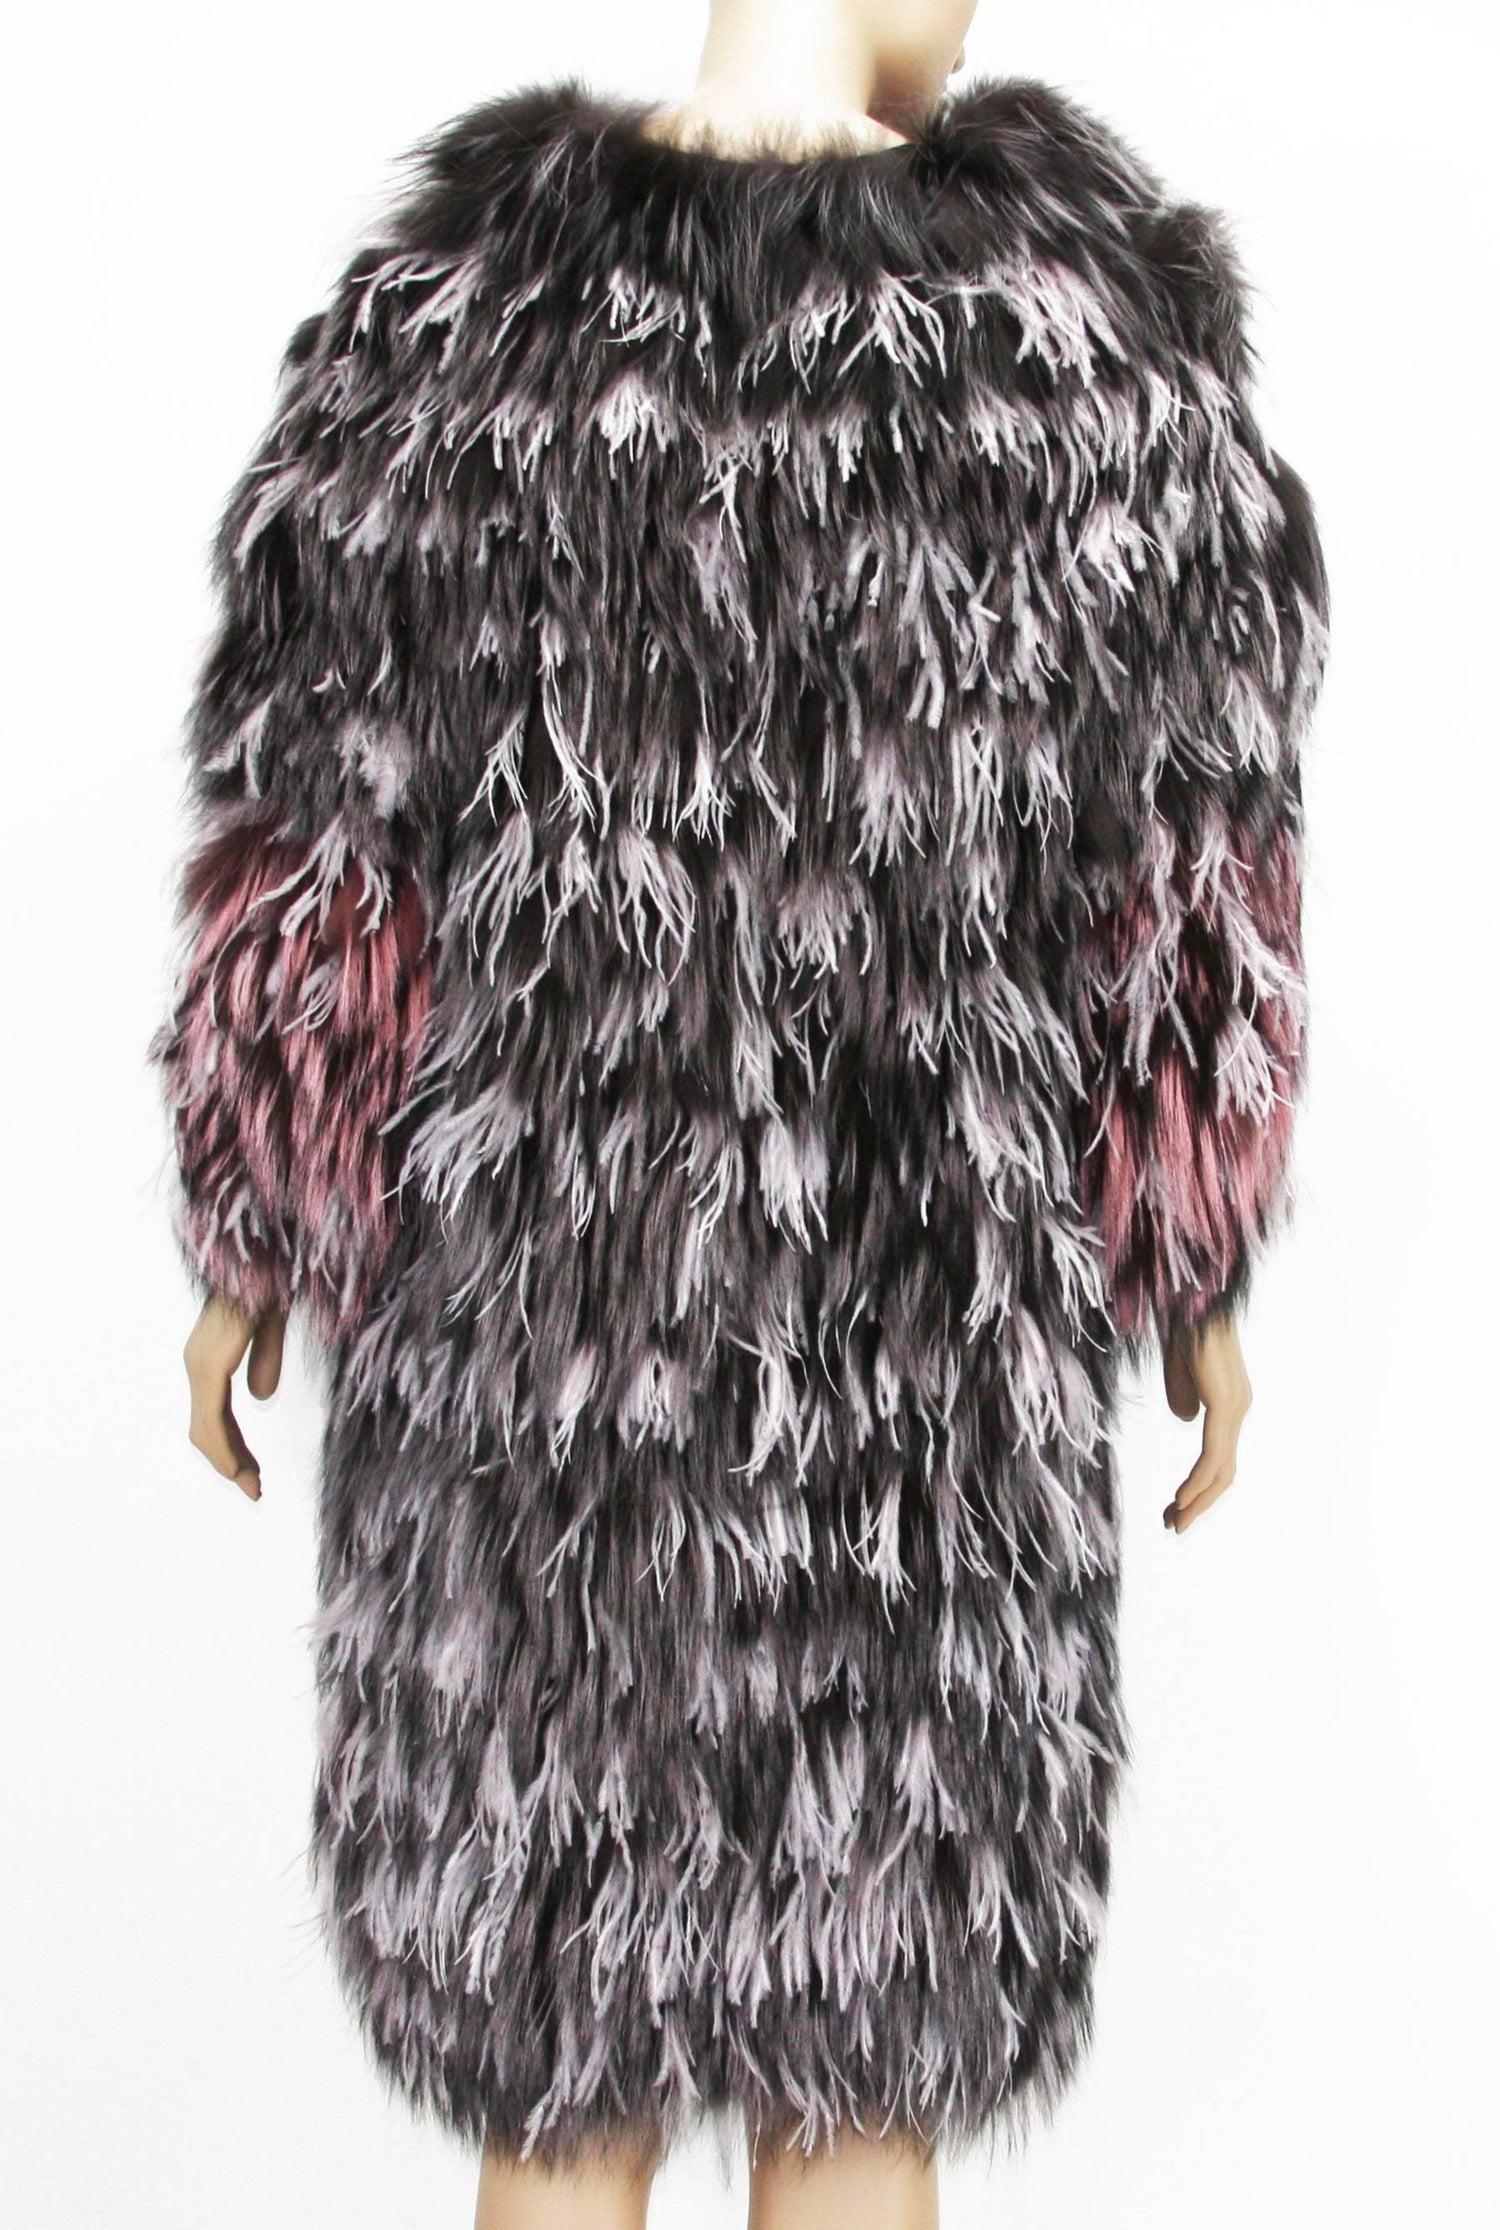 d131f617cec Exotic Oscar de la Renta Ostrich Feathers and Fox Fur Evening Coat Jacket  For Sale at 1stdibs